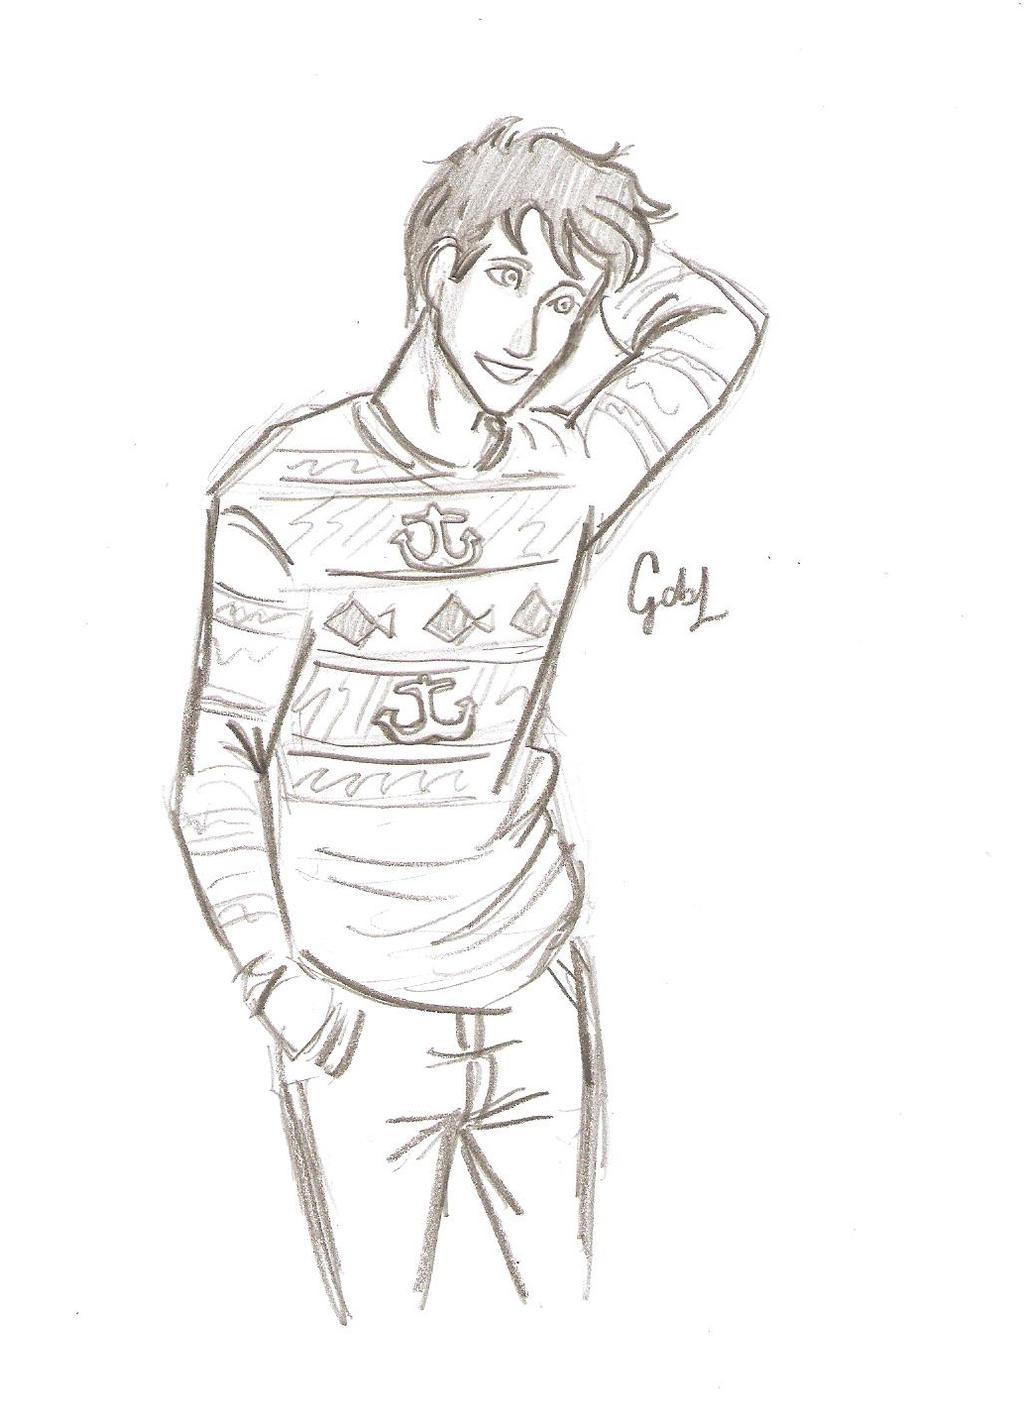 PJ Boys in sweaters by odairwho